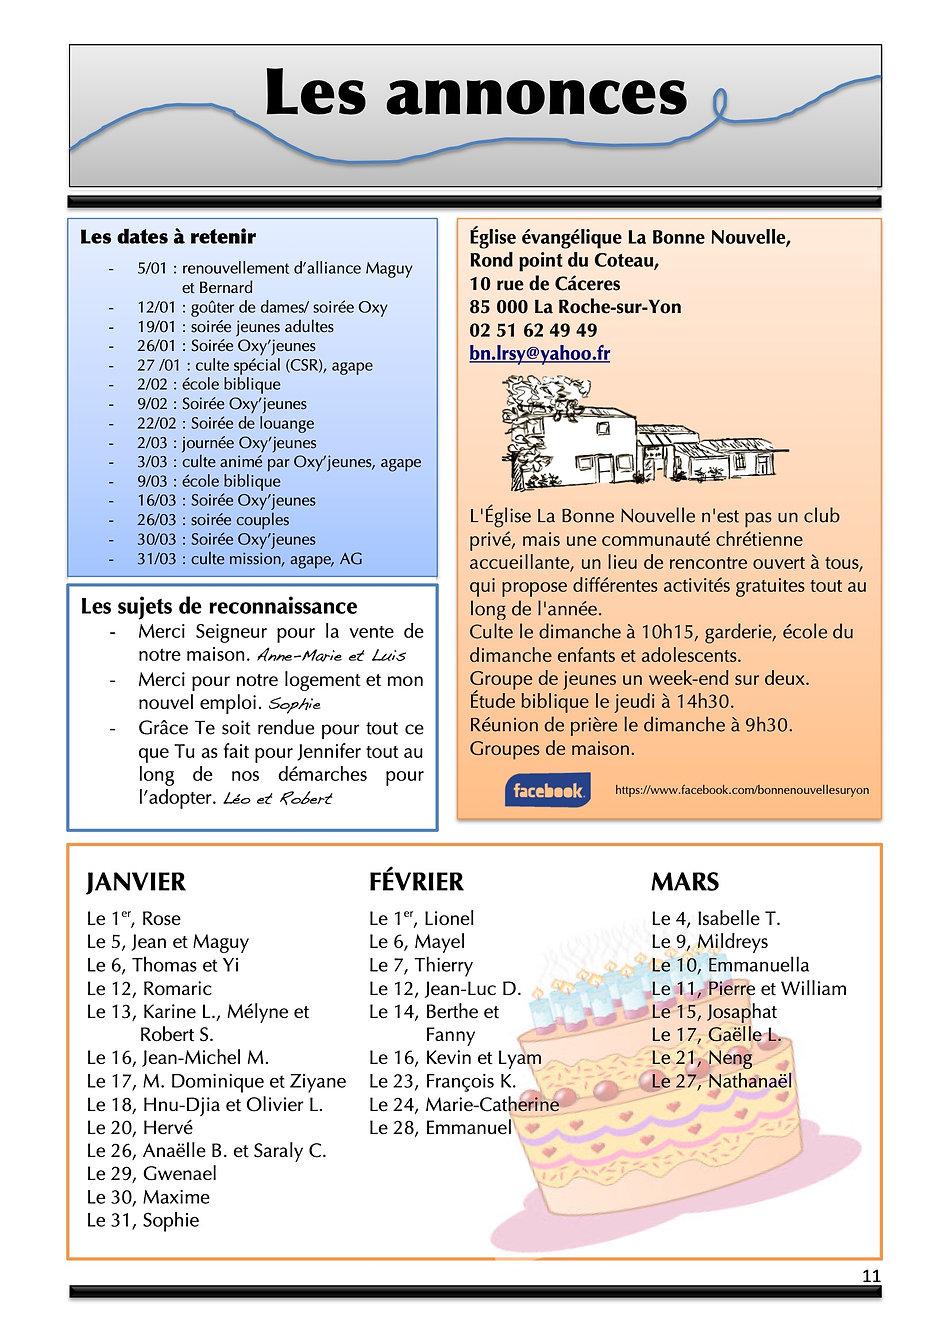 P'tit BN 31-51-page11.jpeg